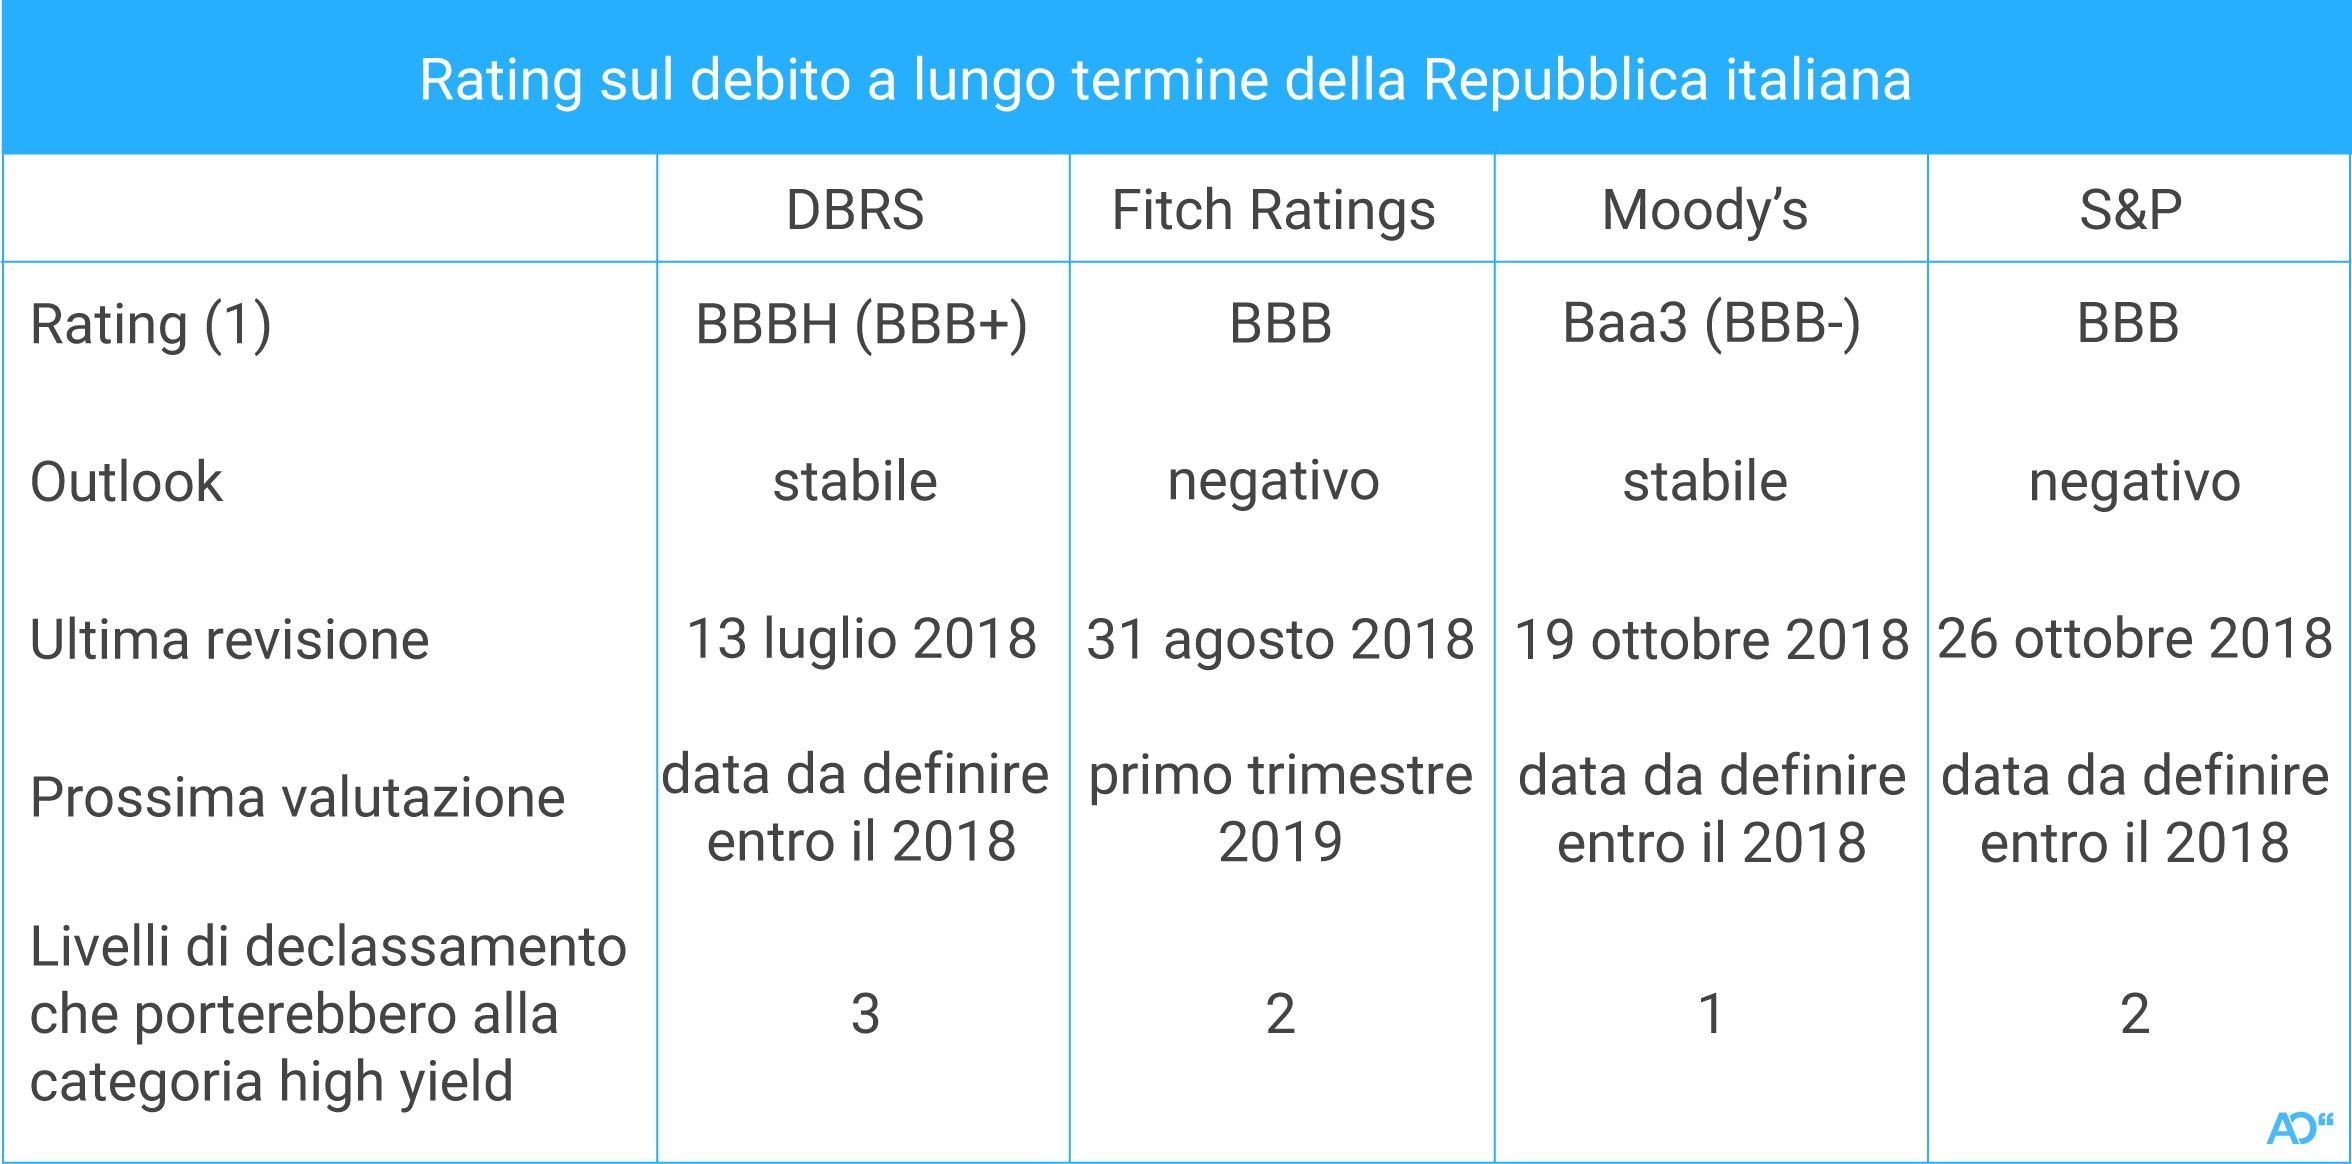 Il giudizio delle agenzie di rating sul nostro debito pubblico